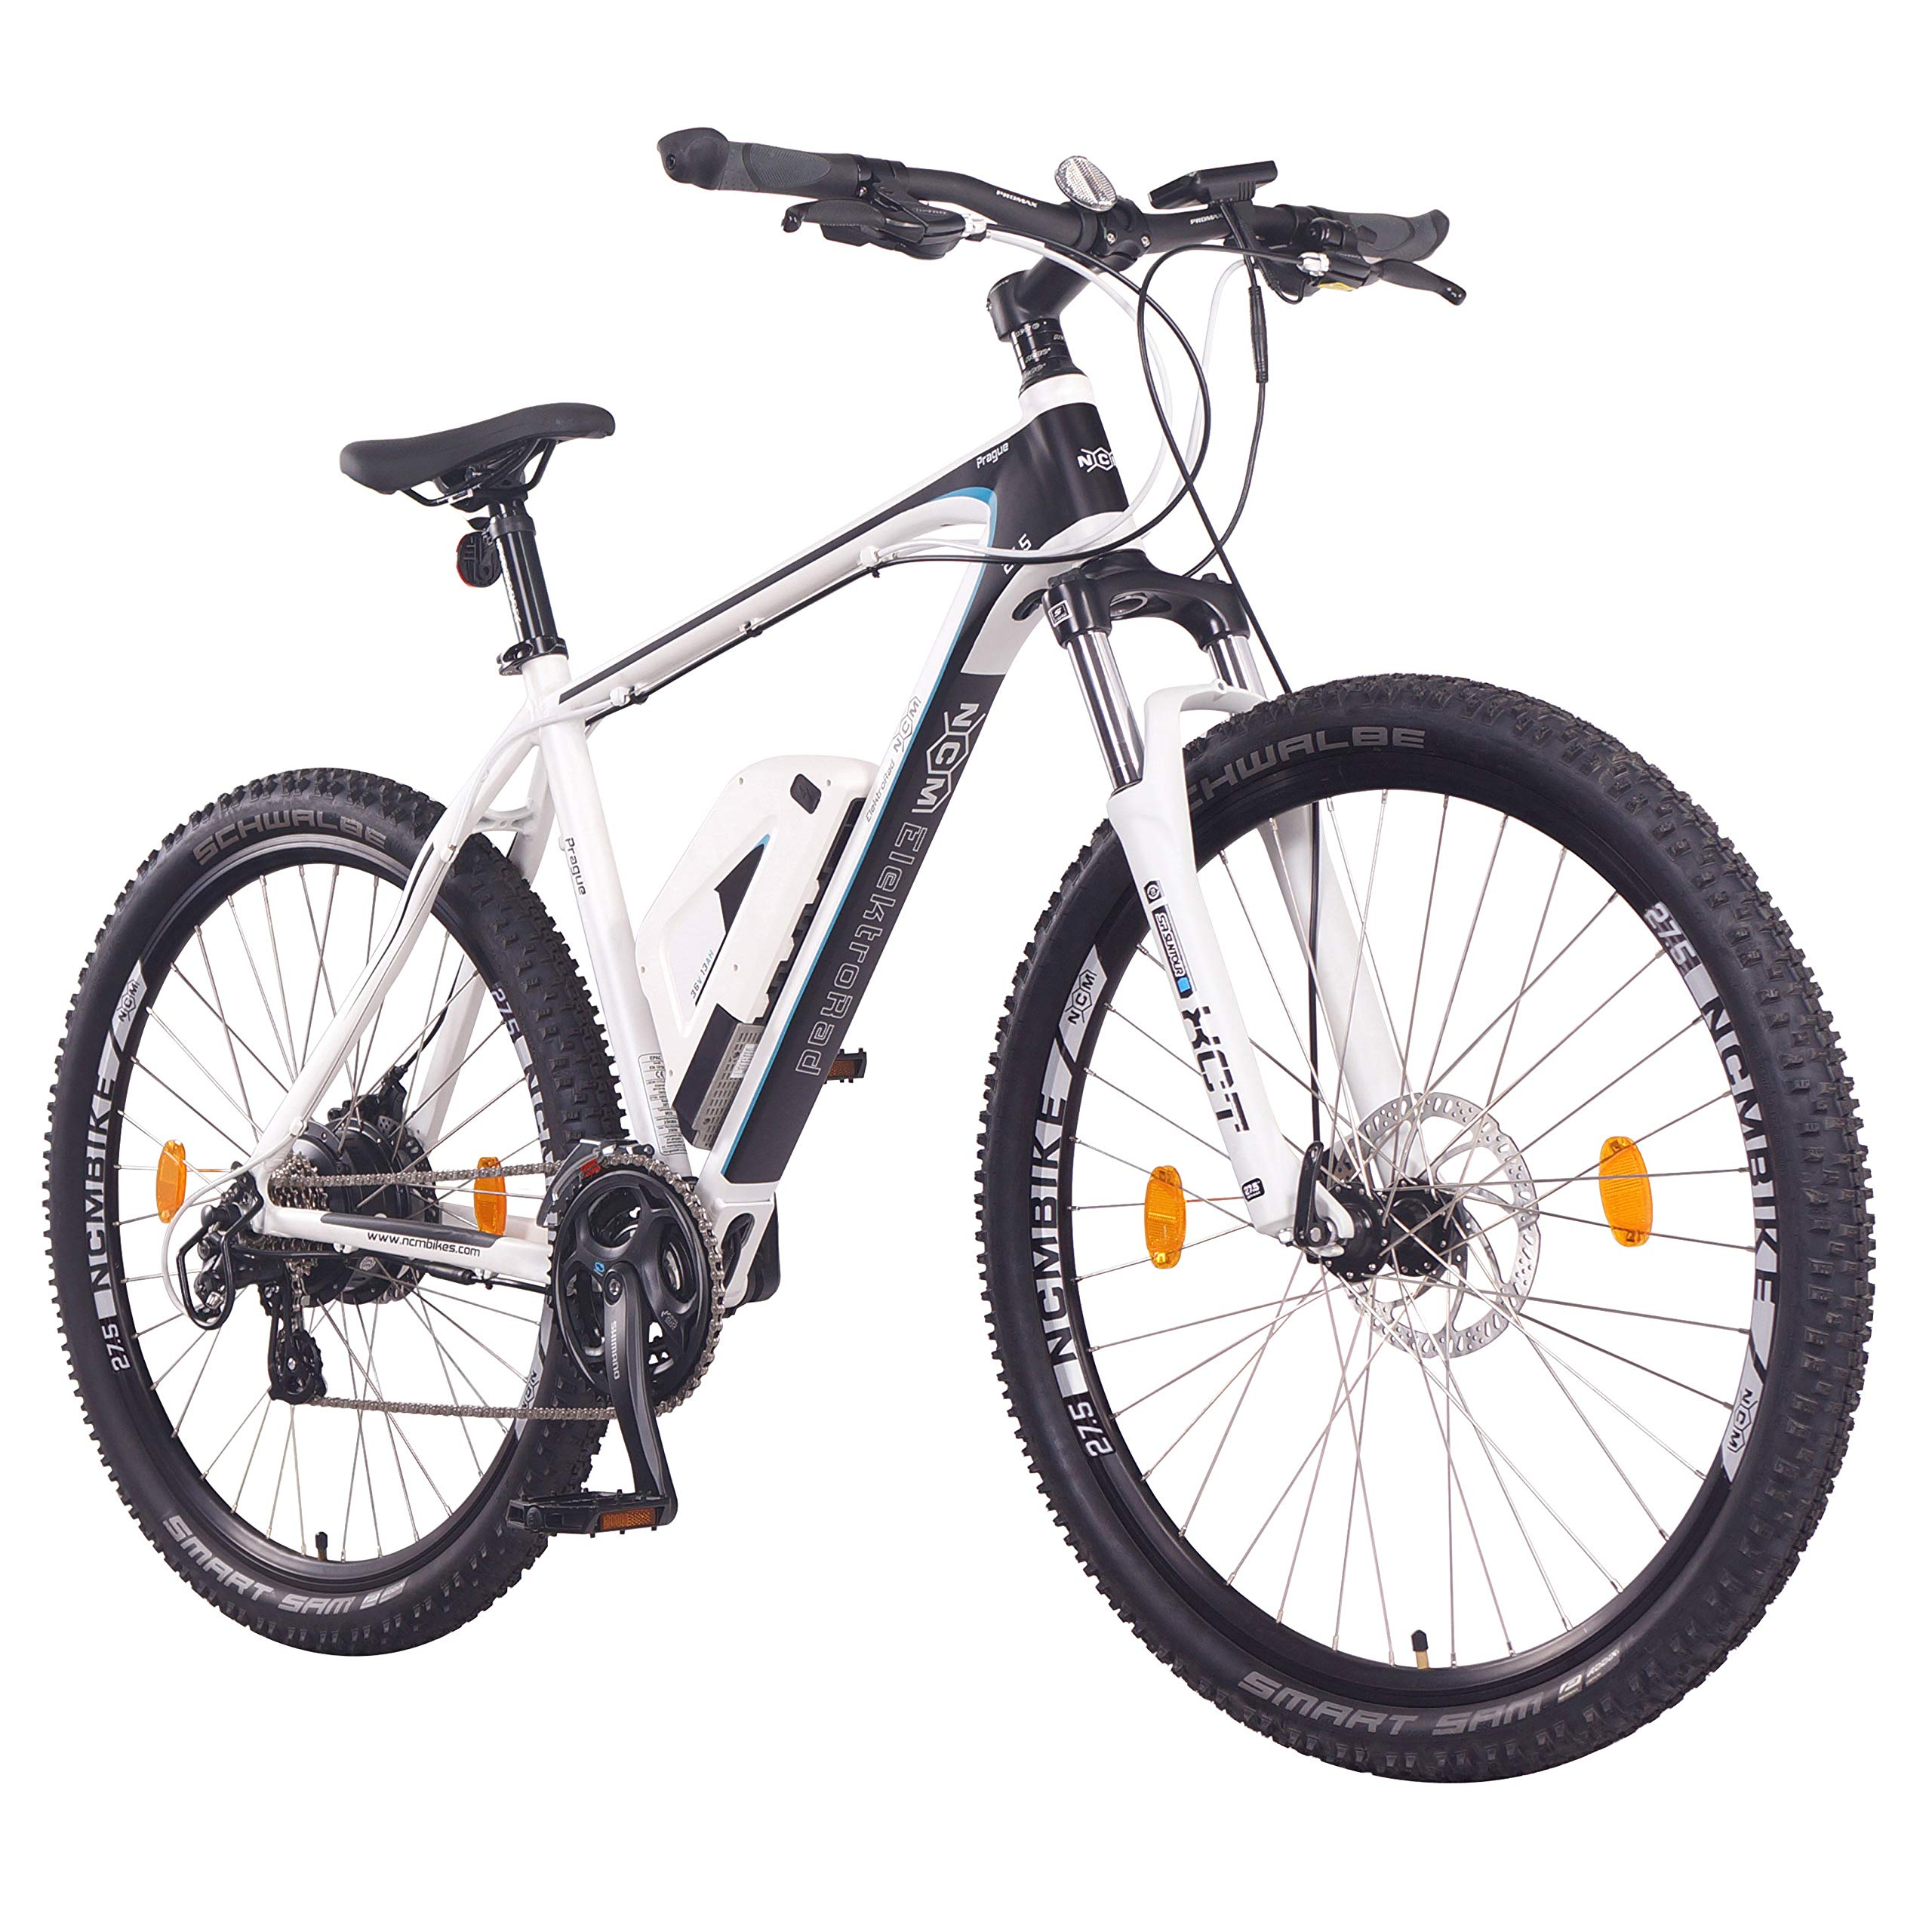 Prophete E-Bike Gepäckträger-Akku mit Original Ladegerät dabei in Top zustand. Radsport